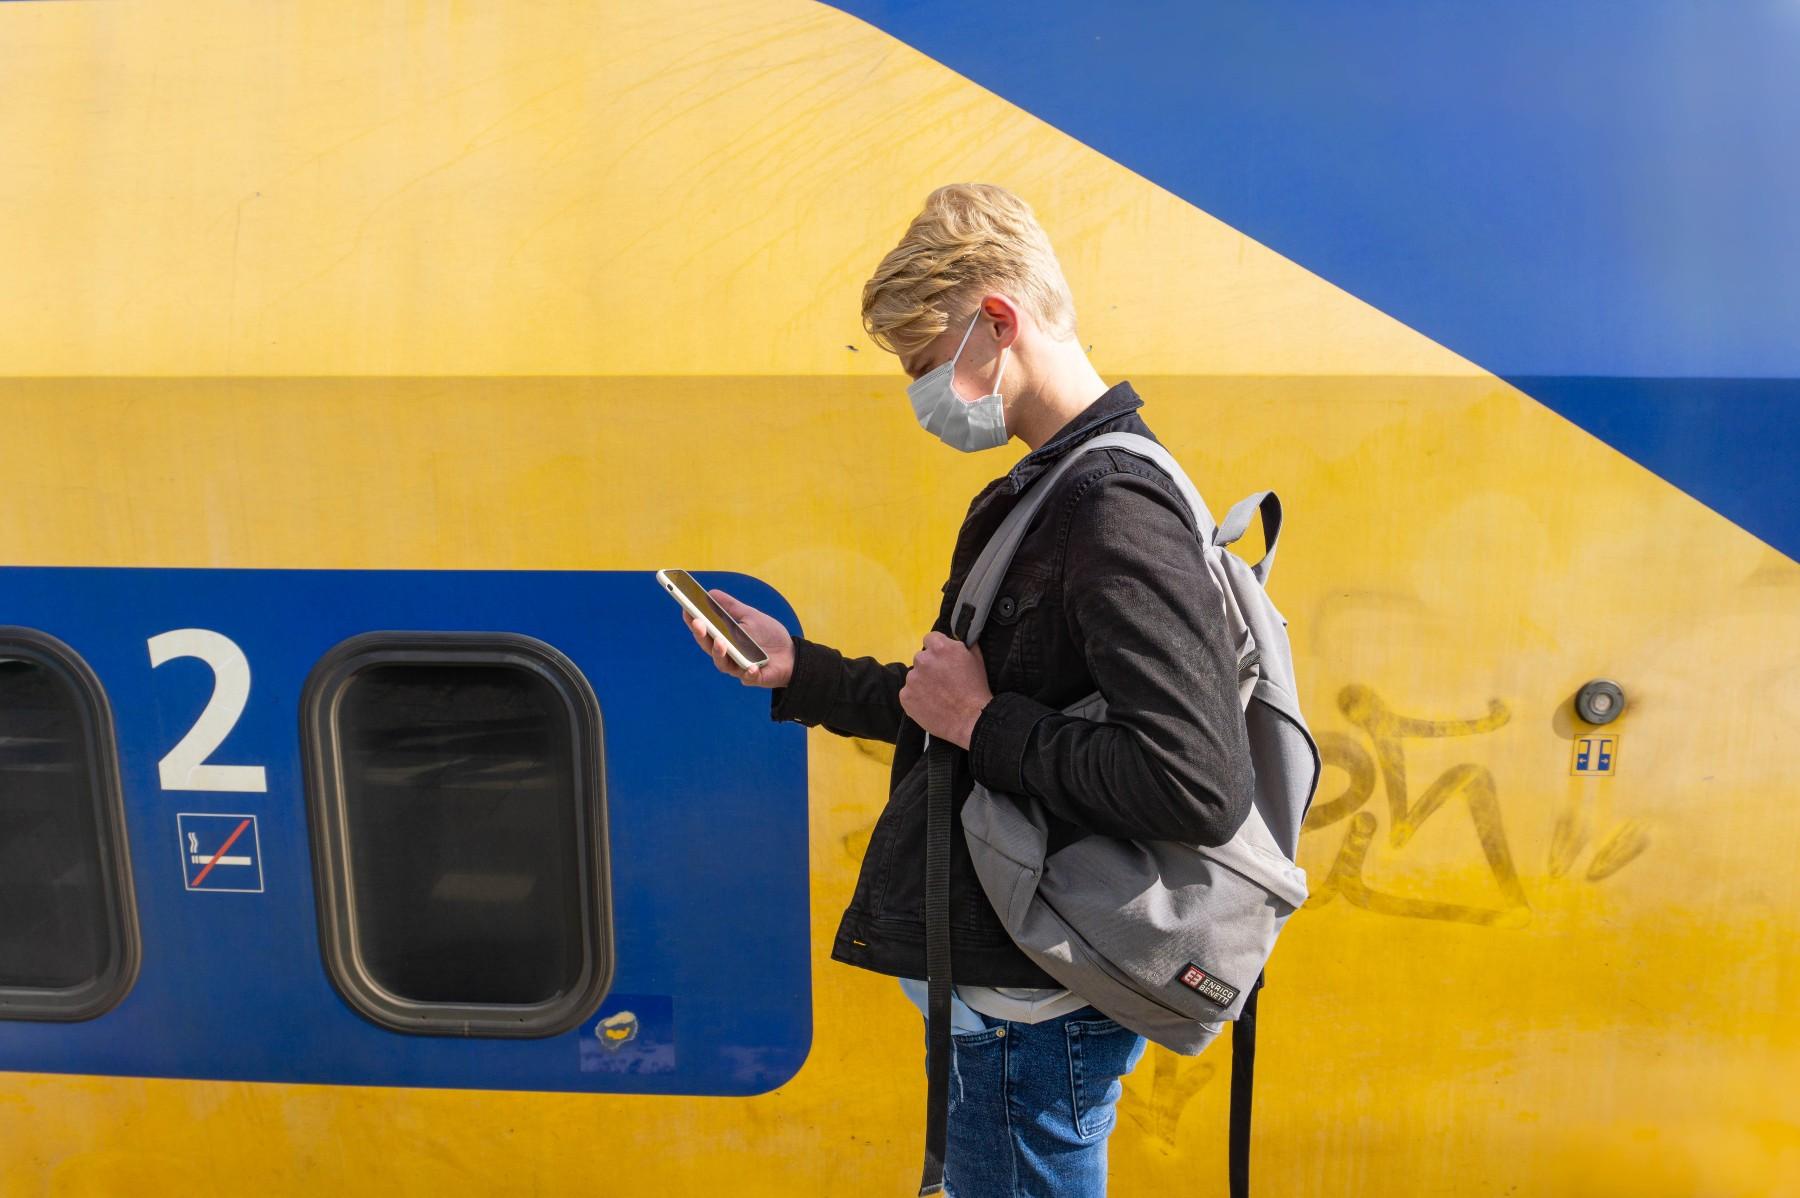 Netherlands train travel during coronavirus